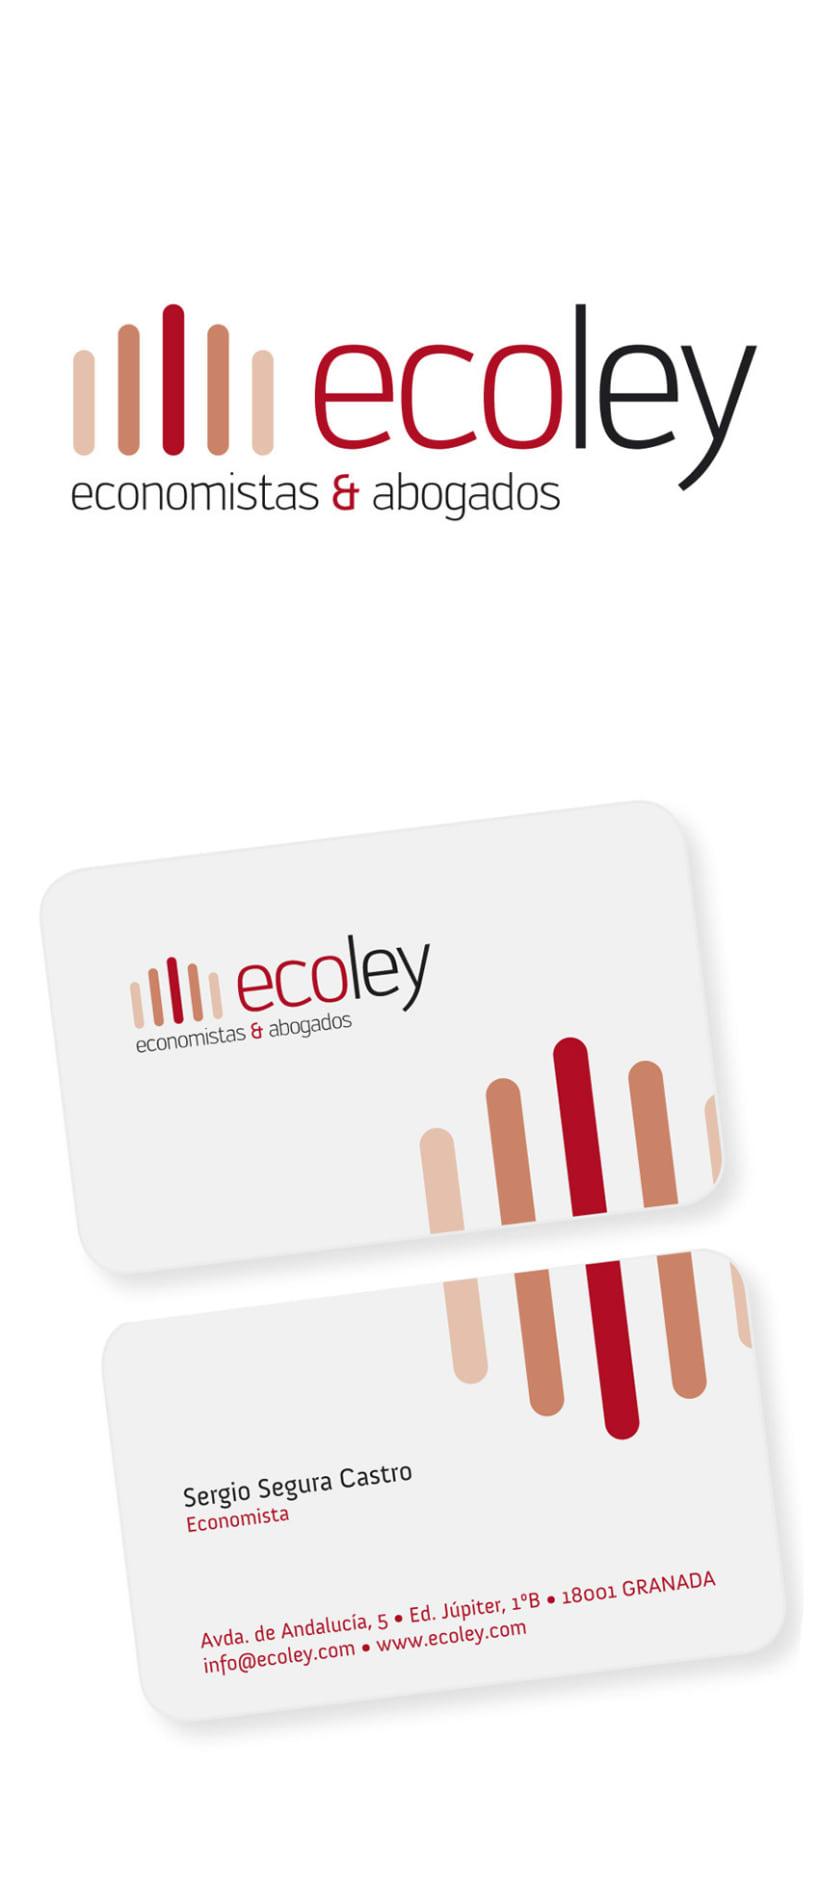 Identidad Corporativa ECOLEY 1